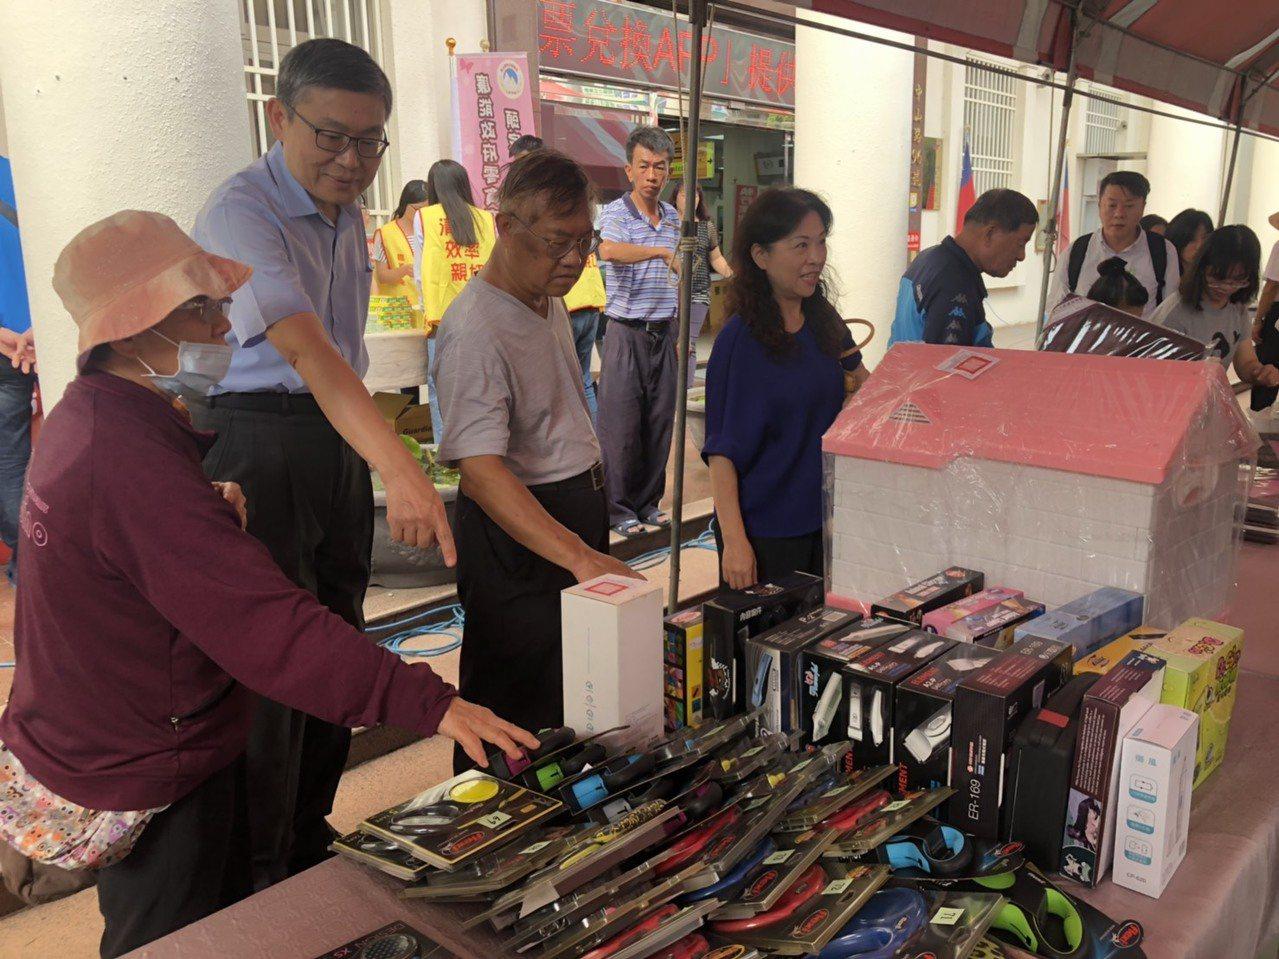 嘉義分屬主任行政執行官穆治平(左二)也一同介紹變賣的寵物商品。記者李承穎/攝影